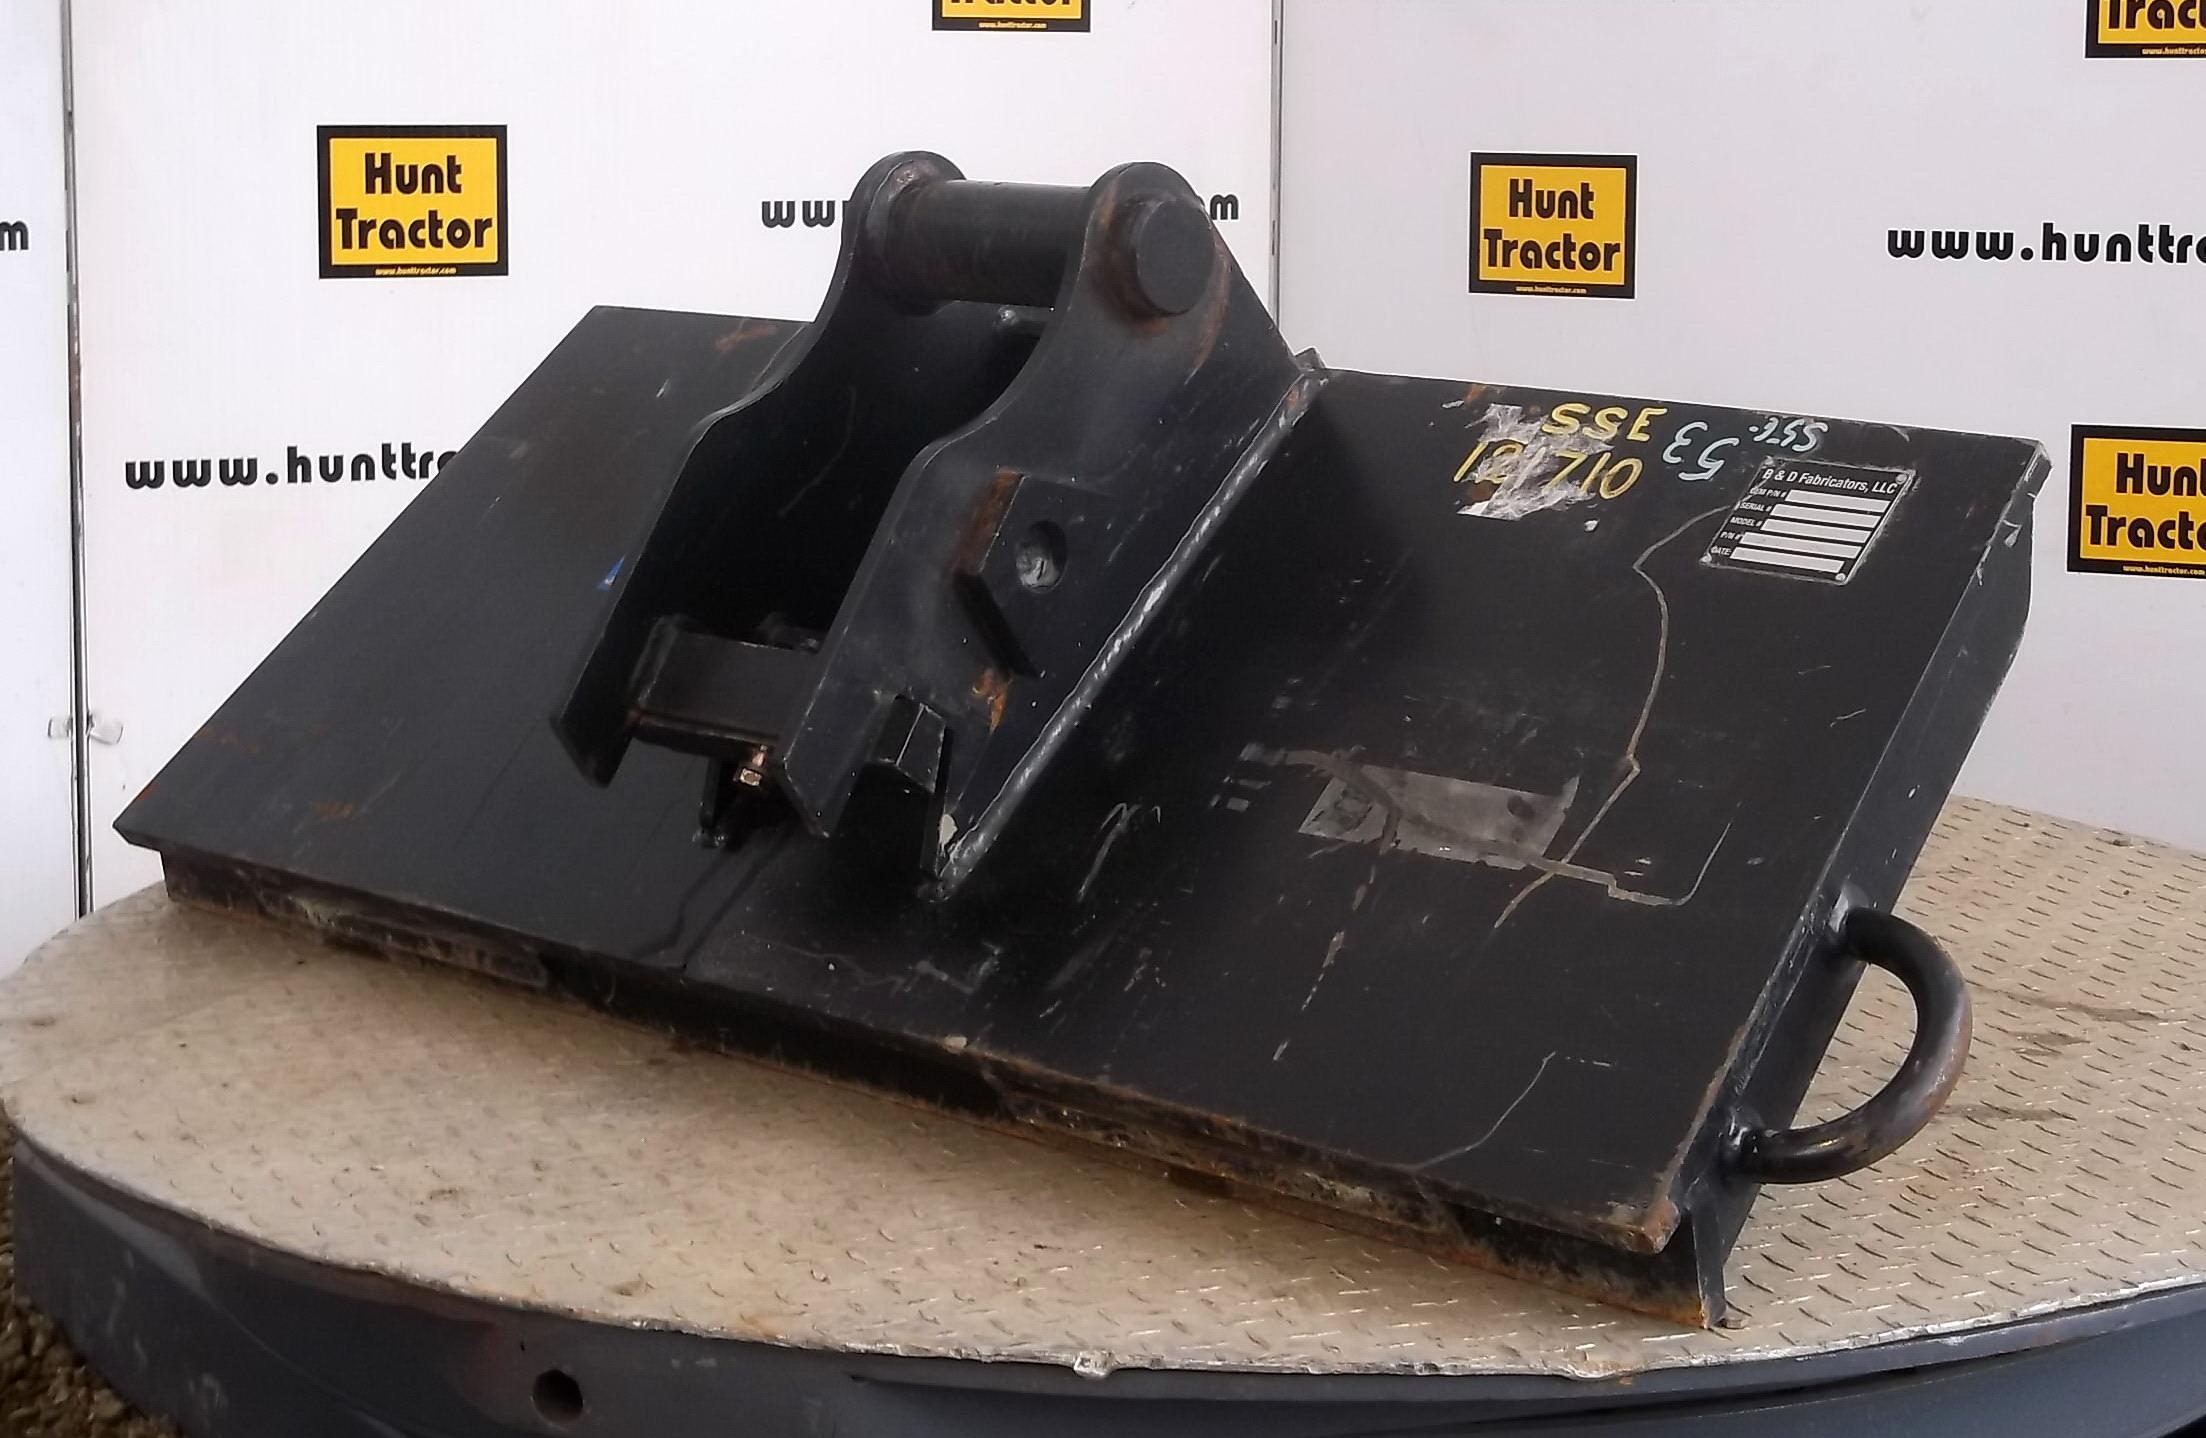 Used Universal Skid Steer To John Deere Wedge Adapter